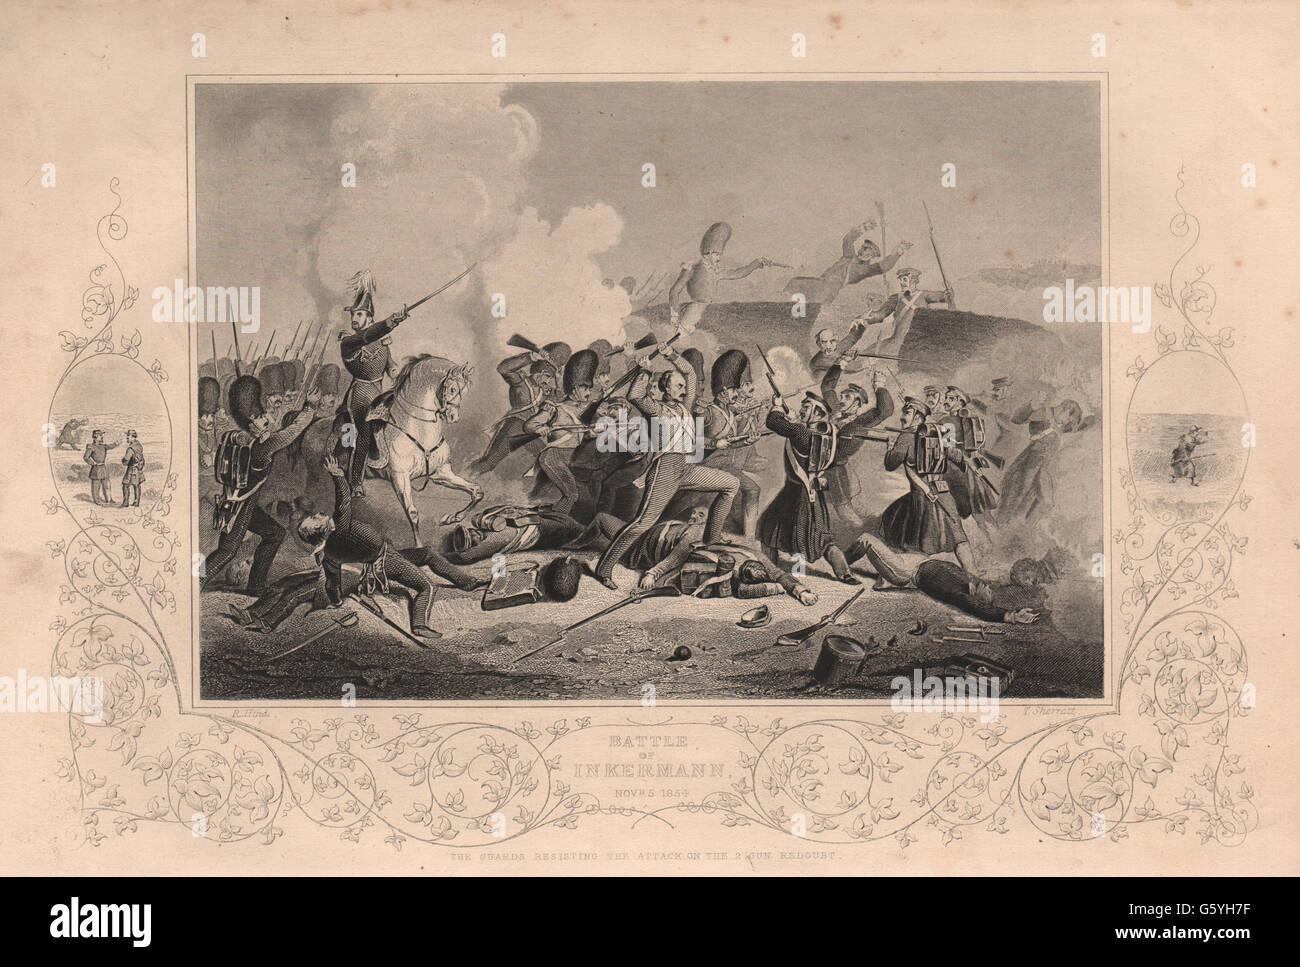 CRIMEAN WAR: Battle of Inkerman Nov. 5 1854, antique print 1860 - Stock Image